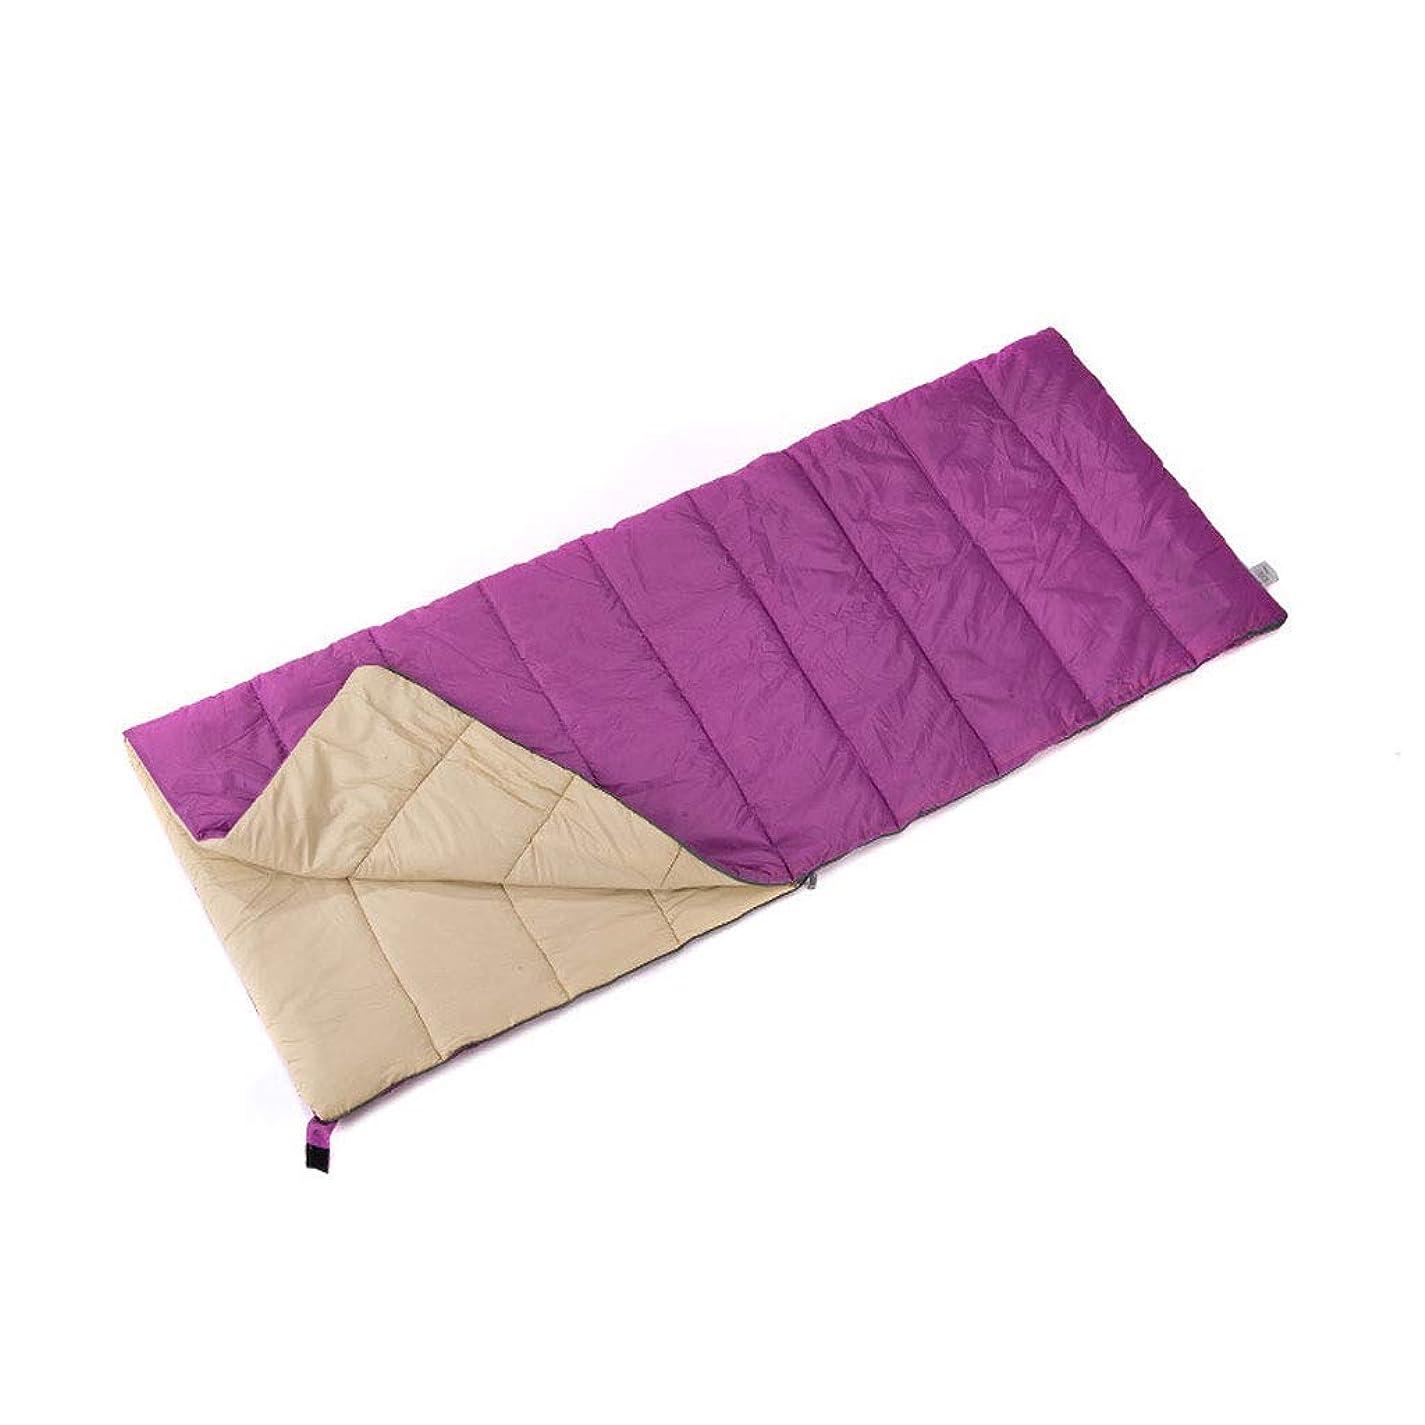 先生シミュレートする羨望寝袋シュラフ コットンアウトドアエンベロープ寝袋超軽量大人のキャンプシーズン暖かい防水暖かい シャンボ0806 (Color : Purple)